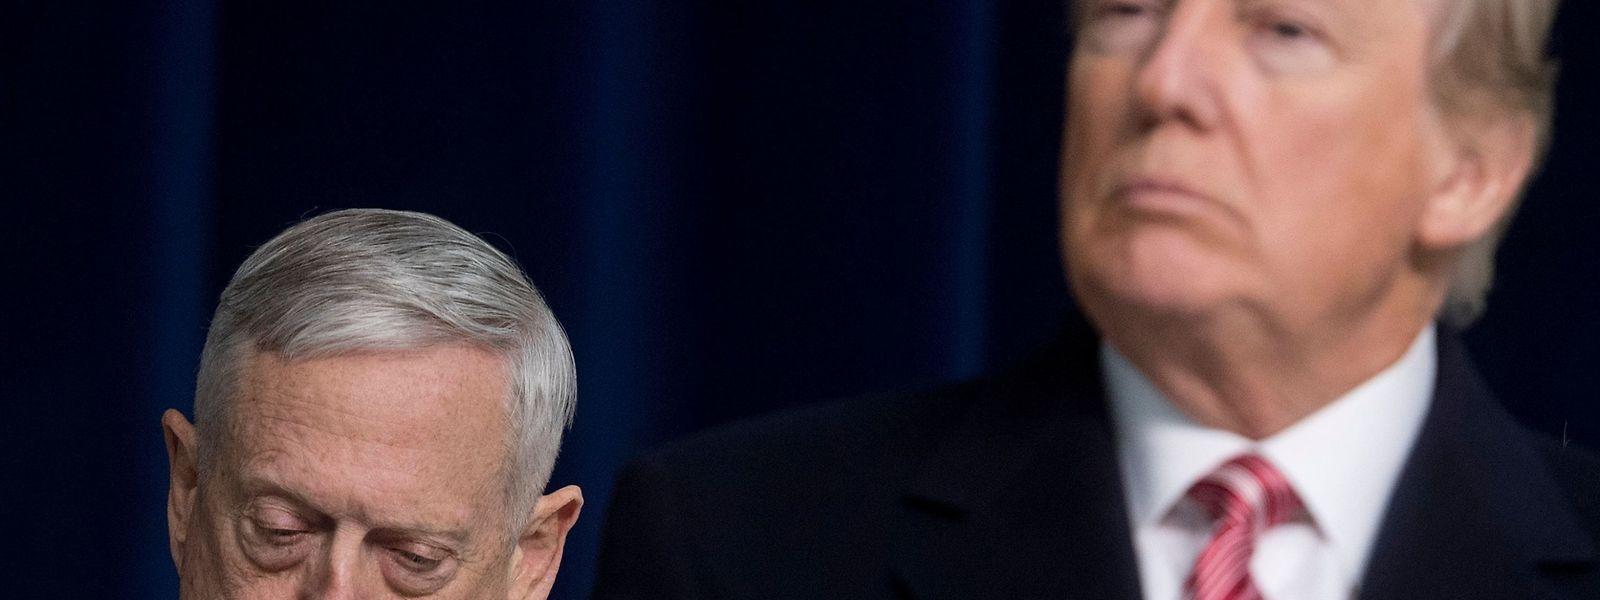 Der US-Verteidigungsminister Jim Mattis hat wegen unüberbrückbarer Differenzen mit Präsident Donald Trump seinen Rücktritt eingereicht. Trumps Entscheidung, die US-Truppen aus Syrien abzuziehen, dürfte das Fass zum Überlaufen gebracht haben.